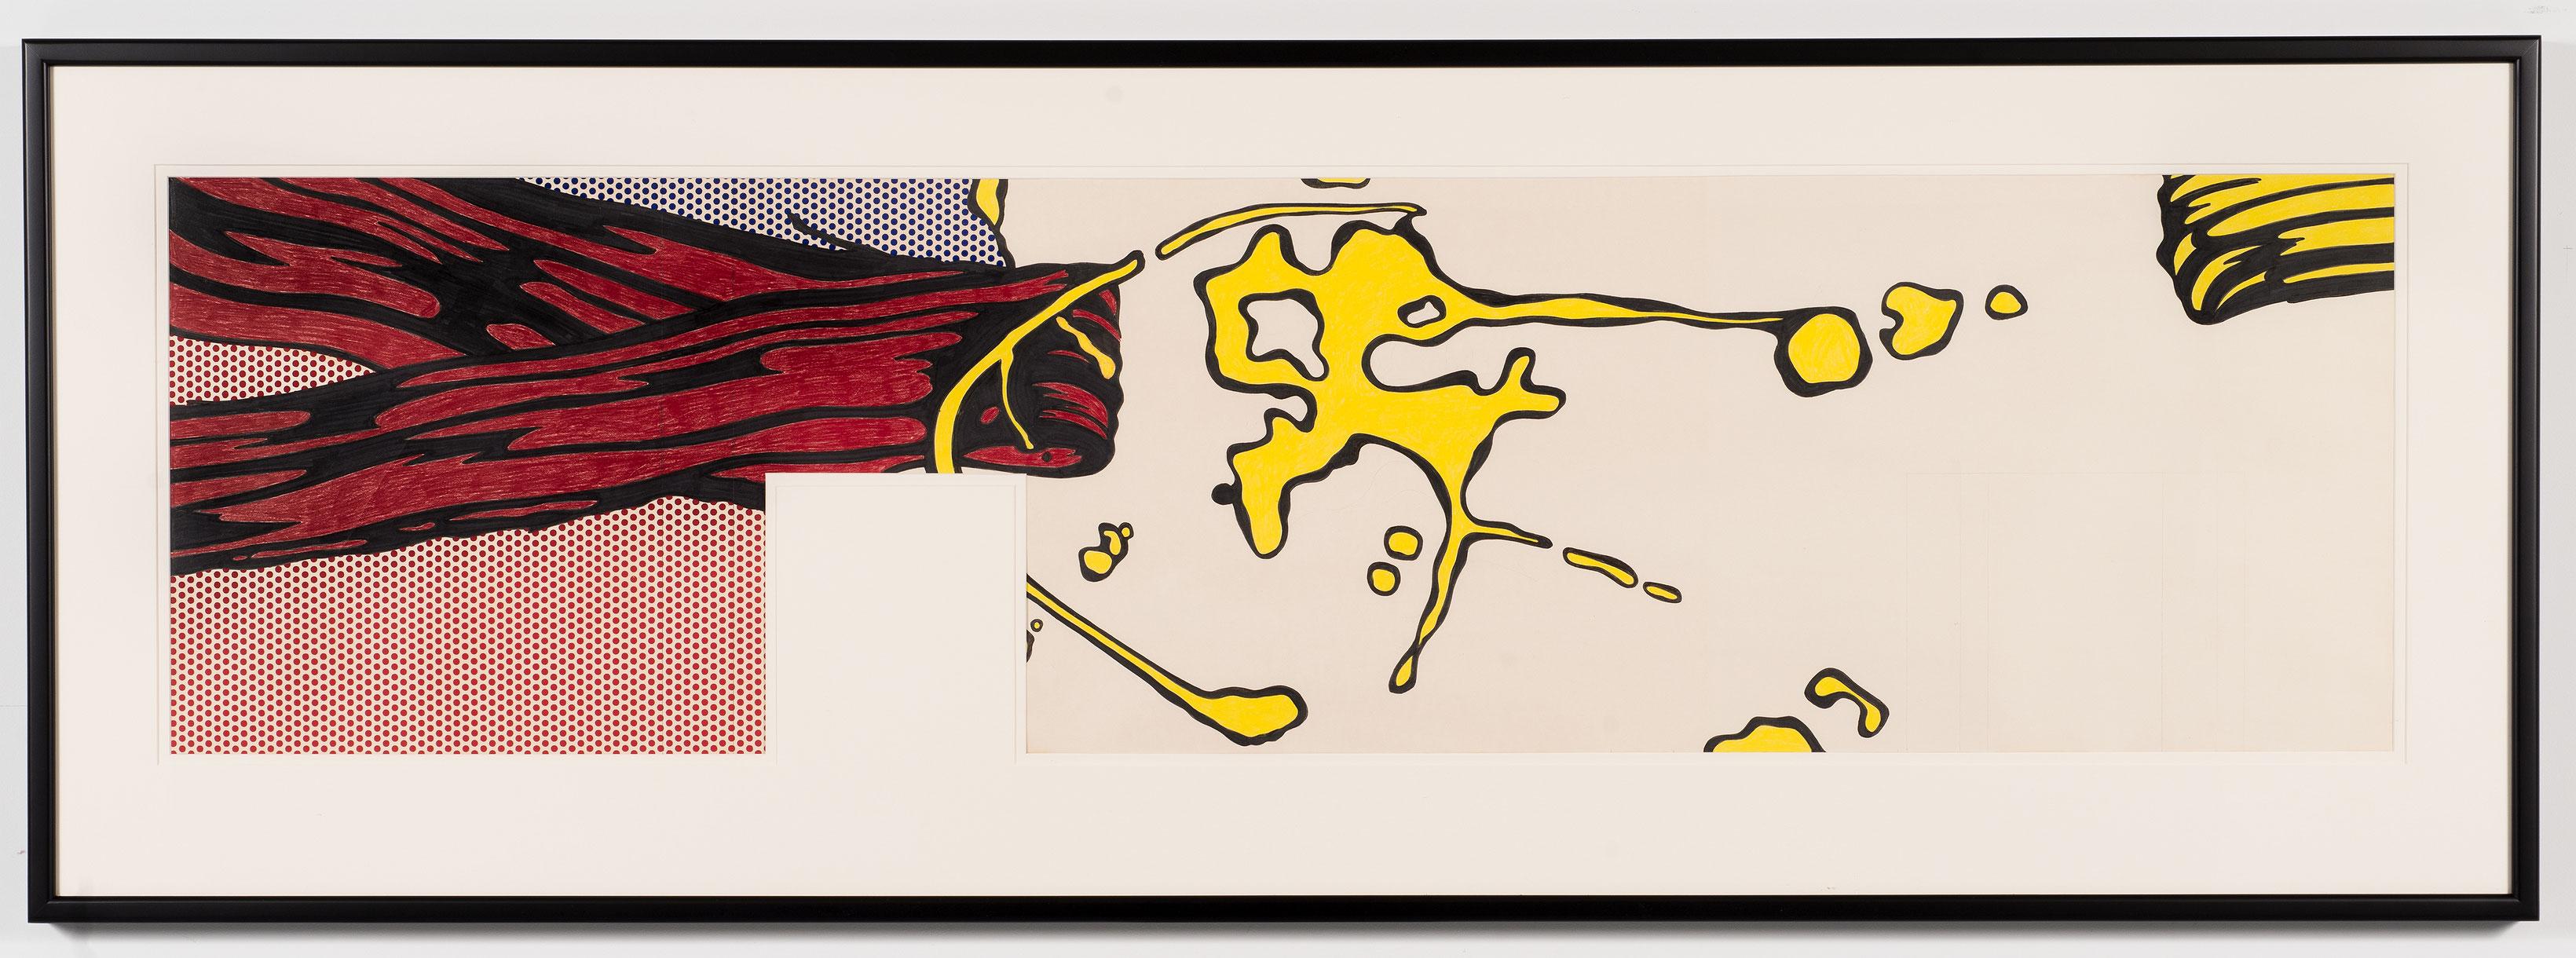 détail de Brushstrokes, 1969, Roy Lichtenstein, Crayon-feutre, crayon de couleur, graphite et acrylique sur papier, 3 éléments.